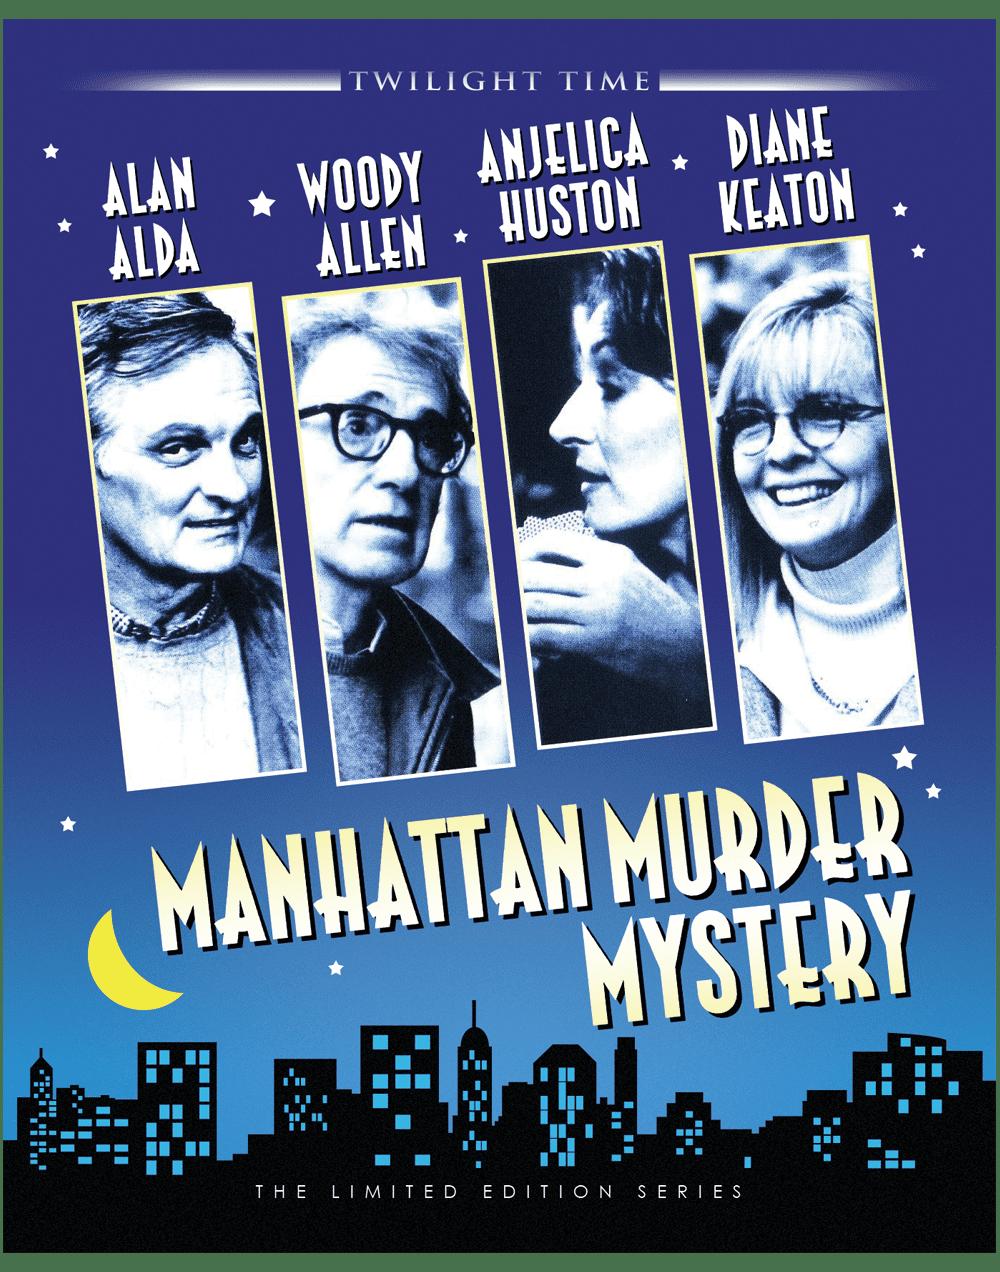 ManhattanMurderMystery_BDBookletCover_Hi